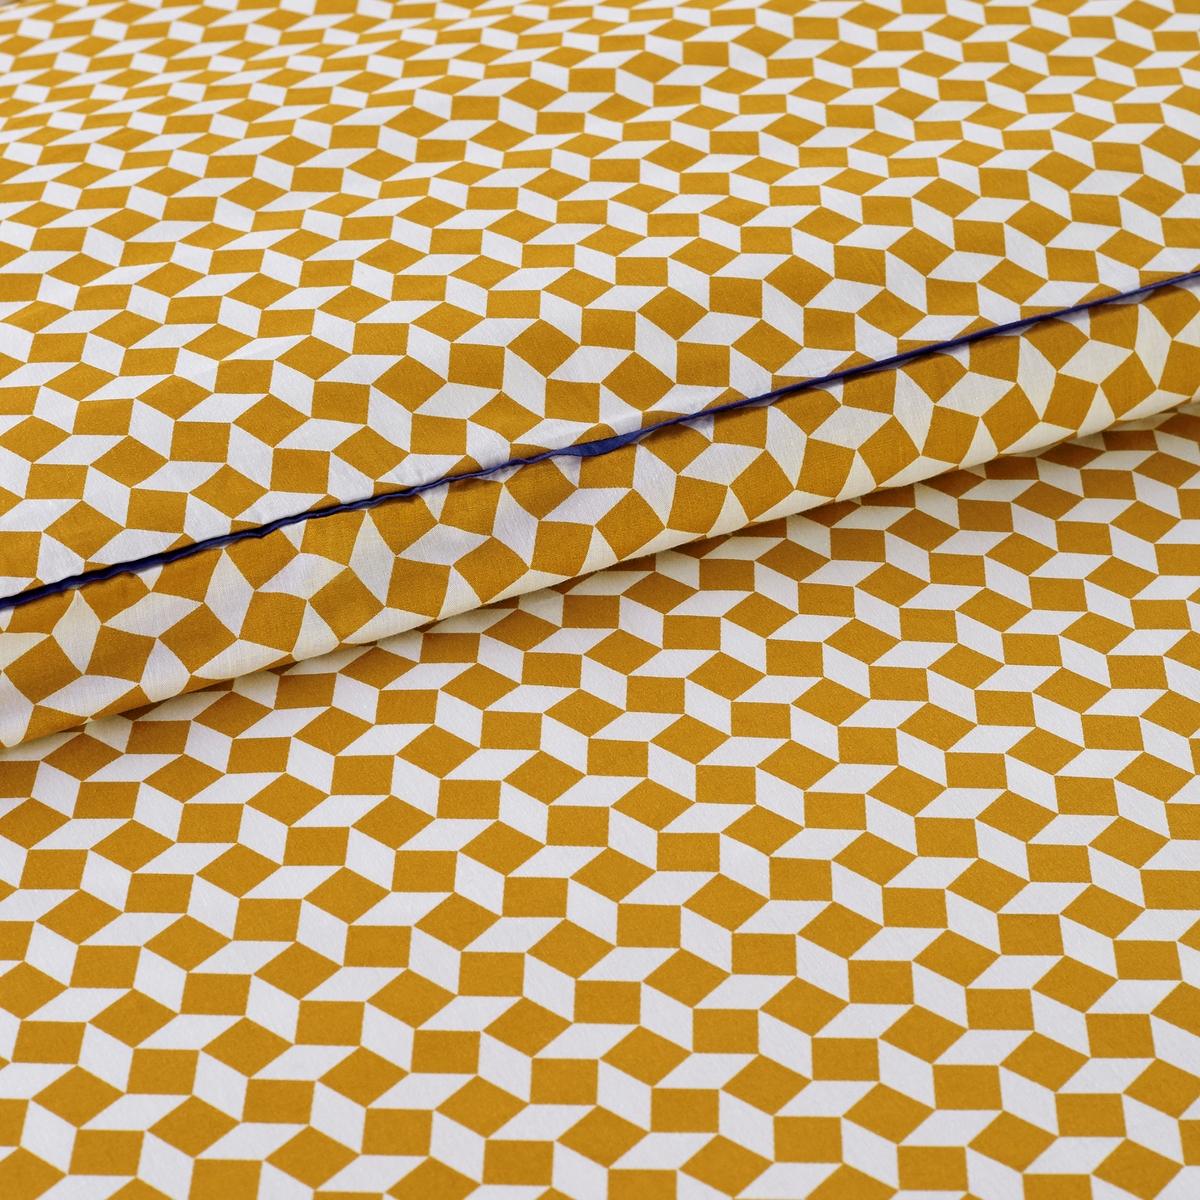 Пододеяльник из хлопковой перкали, Cravate jauneПододеяльник Cravate jaune. На лицевой и оборотной стороне : Очаровательный микро принт с красивой окантовкой !Характеристики пододеяльника из хлопковой перкали Cravate jaune :Хлопковая перкаль, 70 нитей/см? : чем больше количество нитей на см?, тем выше качество материала.Обе стороны с микро принтом, отделка плоским кантом Клапан для заправки под матрасМашинная стирка при 60 °C.Всю коллекцию постельного белья Cravate jaune вы можете найти на сайте laredoute.ru Для размера на 180 на 140 см: длина 180 см, ширина 140 см. Для размера 240 на 140 см: длина 240 см, ширина 140 см. Для размера 350 на 140 см: длина 350 см, ширина 140 см..Знак Oeko-Tex® гарантирует, что товары прошли проверку и были изготовлены без применения вредных для здоровья человека веществ.Размер на выбор :140 x 200 см : 1-сп.200 х 200 см : 1-2-сп.240 х 220 см : 2-сп.260 х 240 см : 2-сп.<br><br>Цвет: желтый